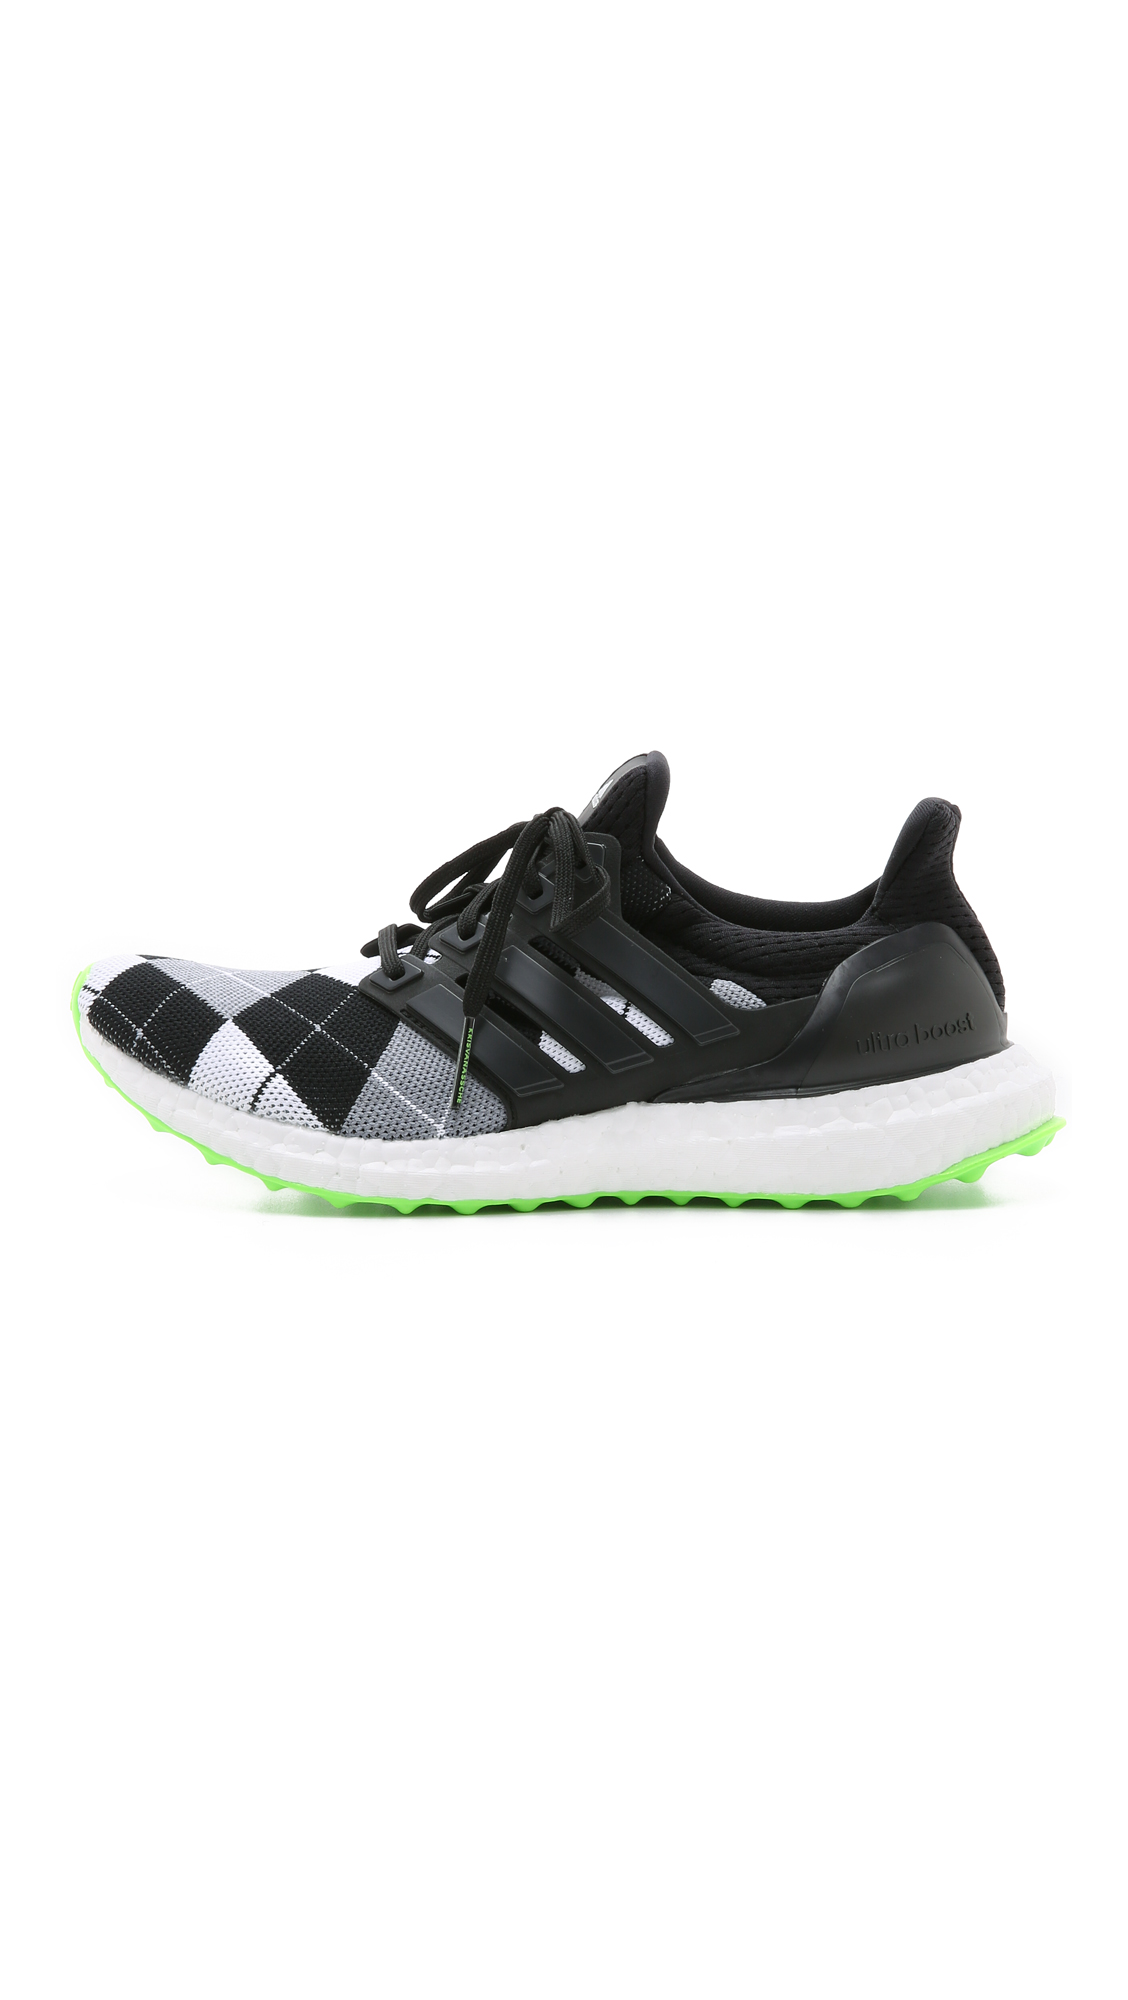 adidas ultra boost shopbop